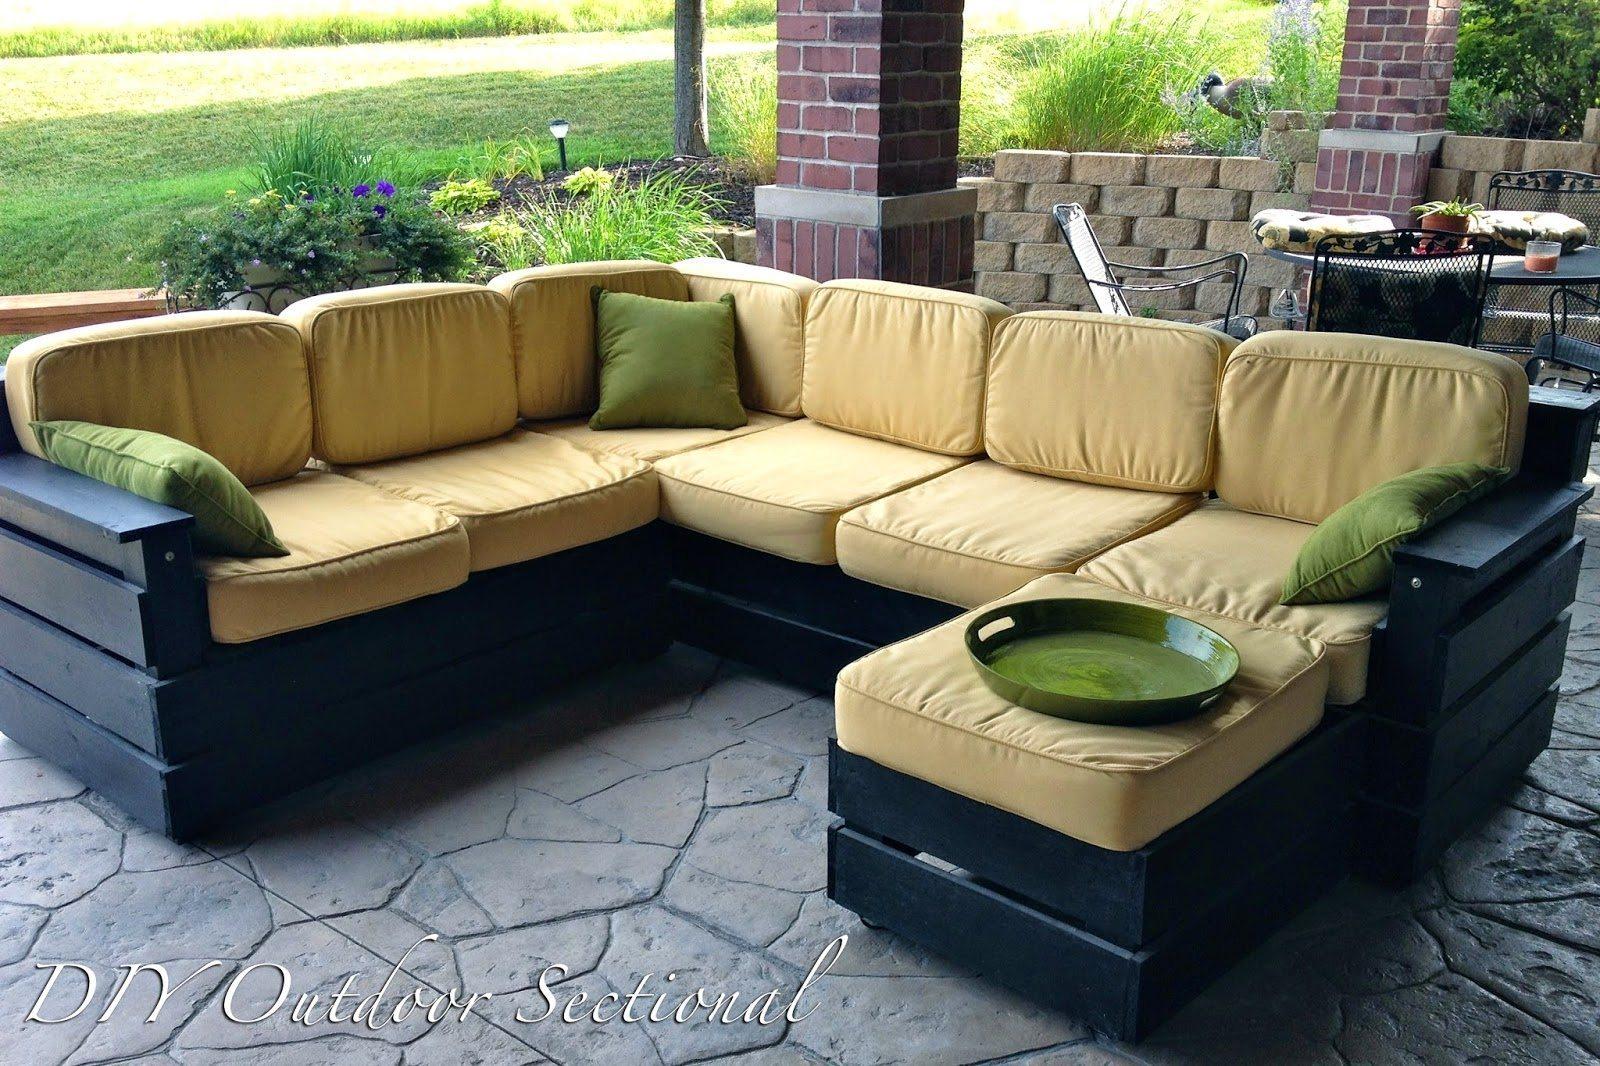 Diy sectional pallet sofa untuk laman rumah